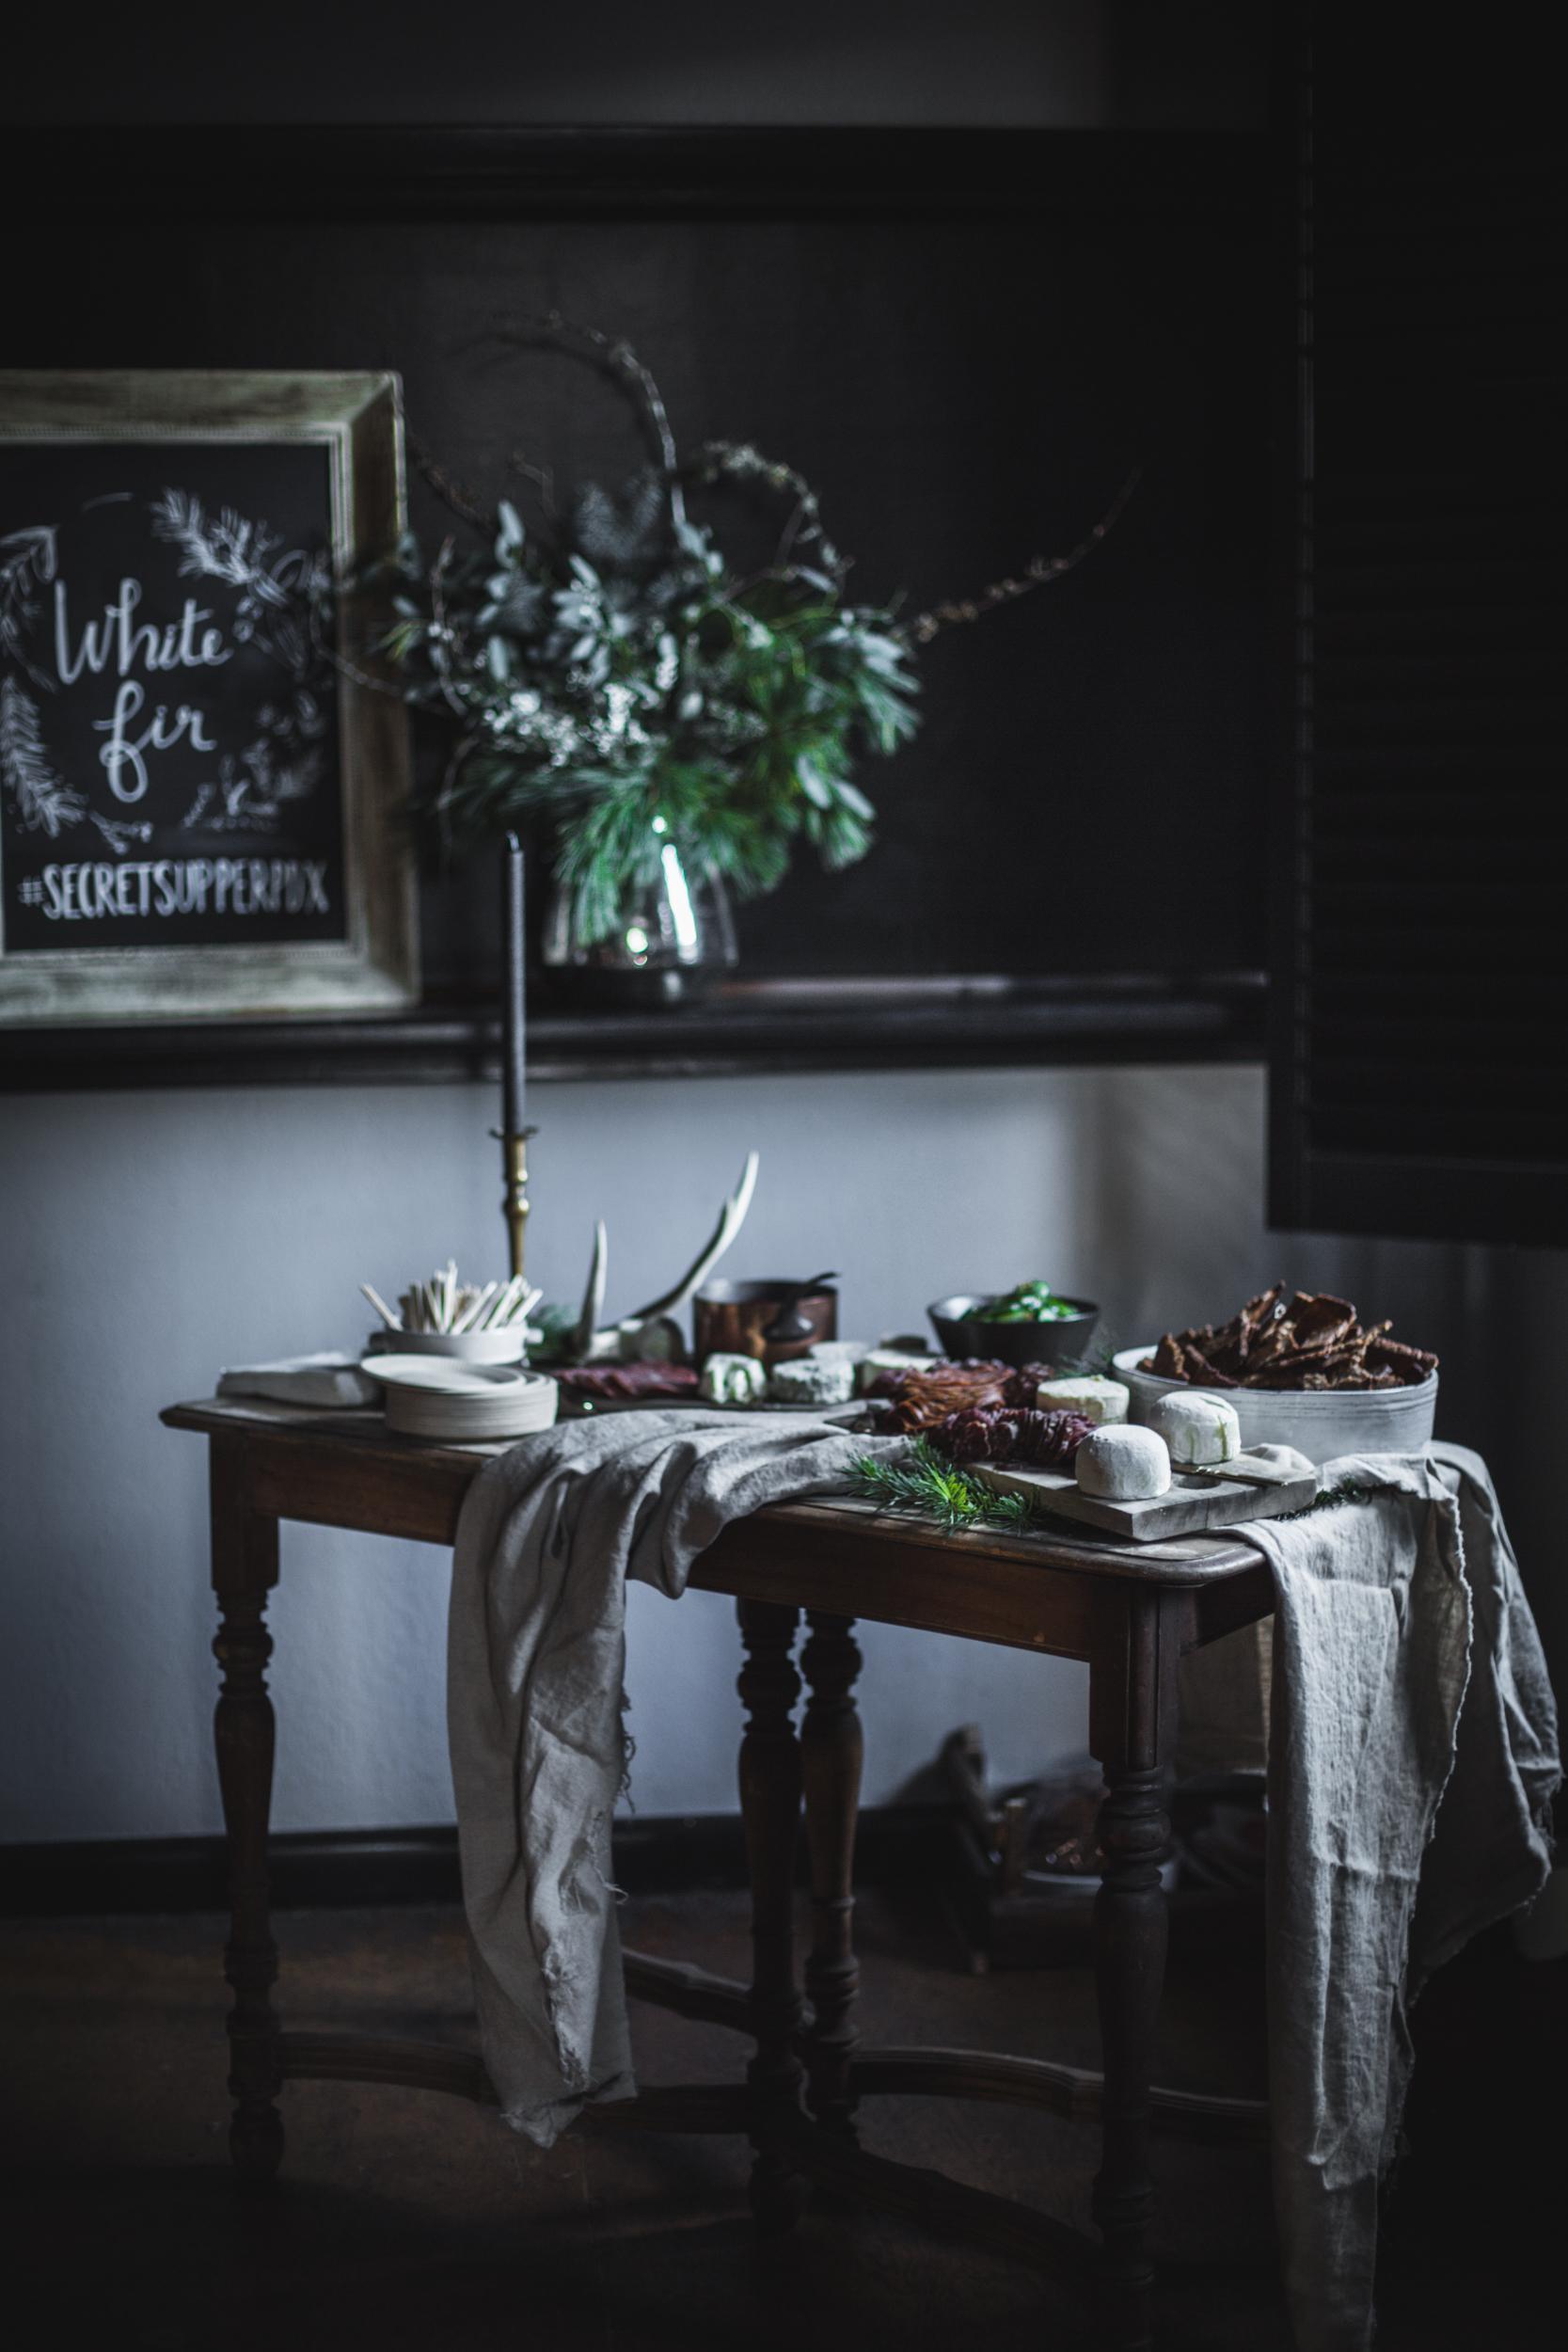 Secret Supper White Fir by Eva Kosmas Flores-33.jpg